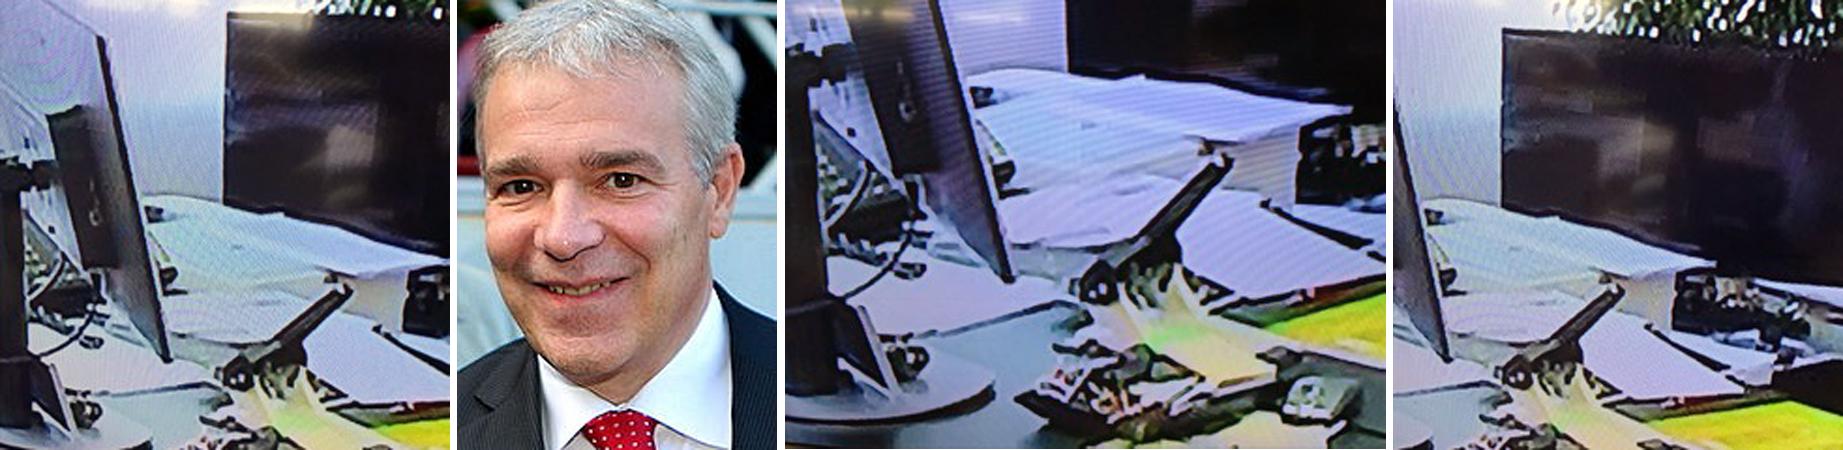 Chaotischer schreibtisch  Luxprivat: Dan Kersch: chaotischer Schreibtisch, schlampiger Minister?